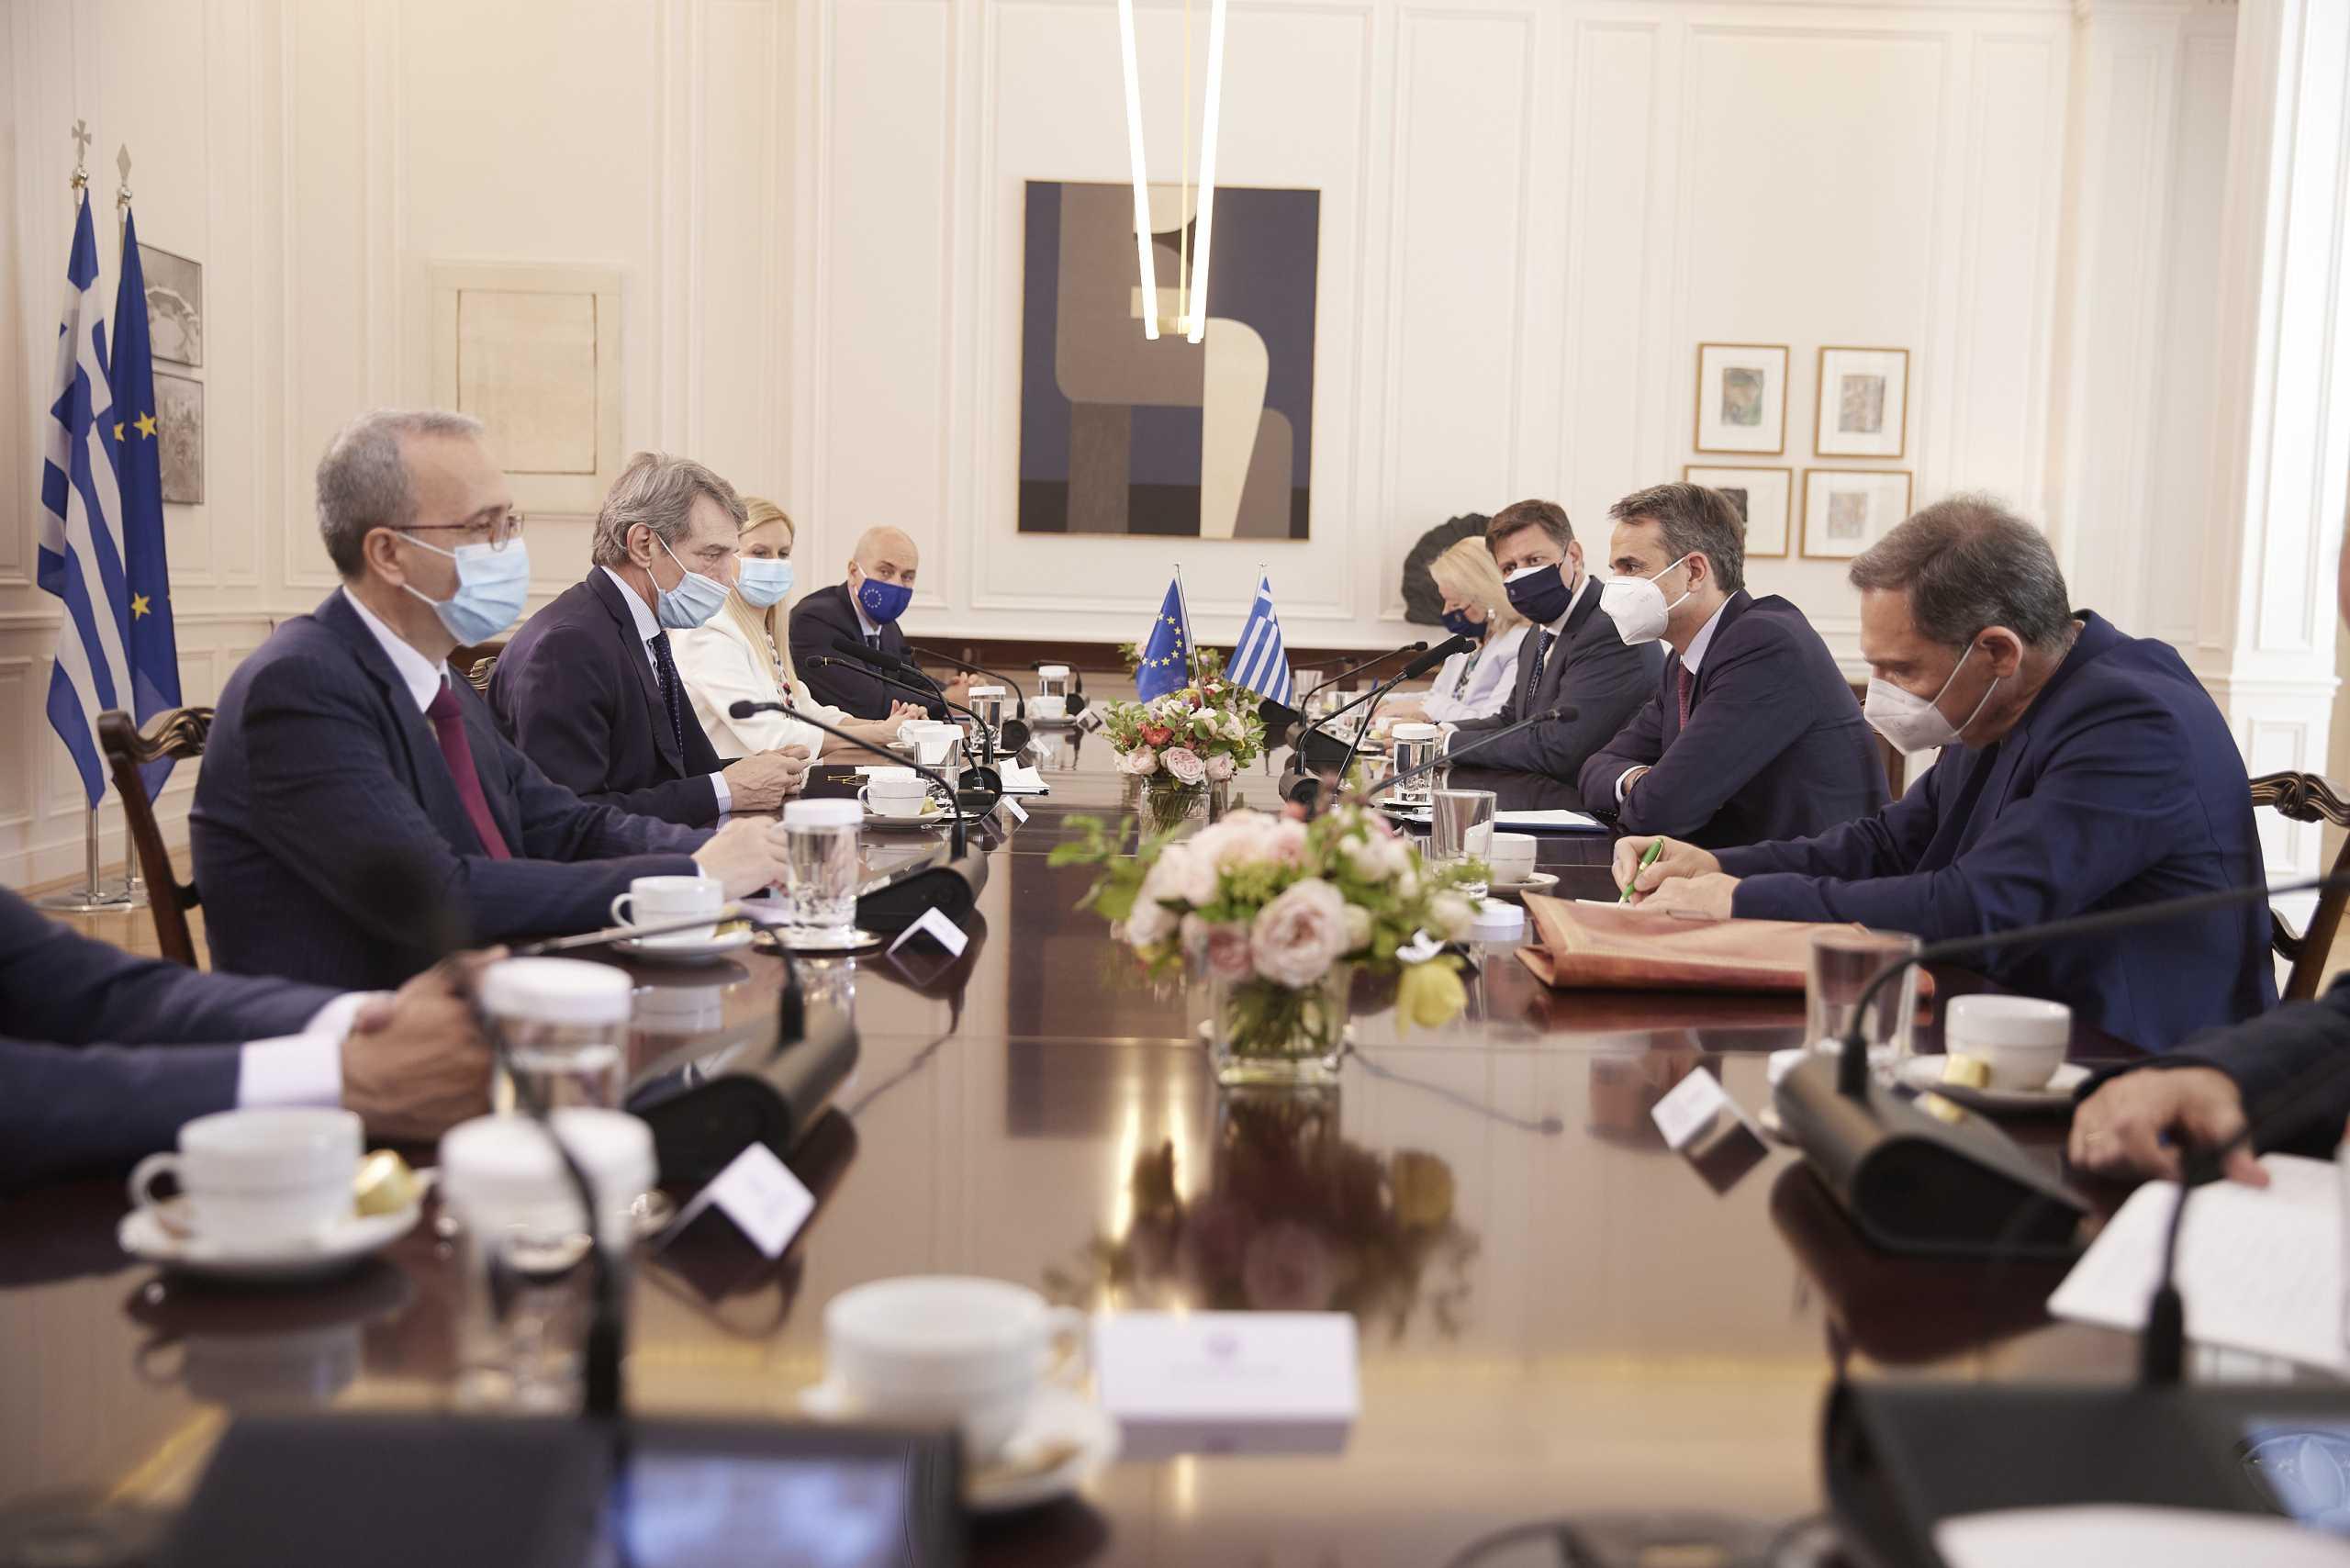 Μητσοτάκης – Σασόλι: Να είναι μόνιμο το Ταμείο Ανάκαμψης – «Καρφιά» του Πρωθυπουργού για την Τουρκία